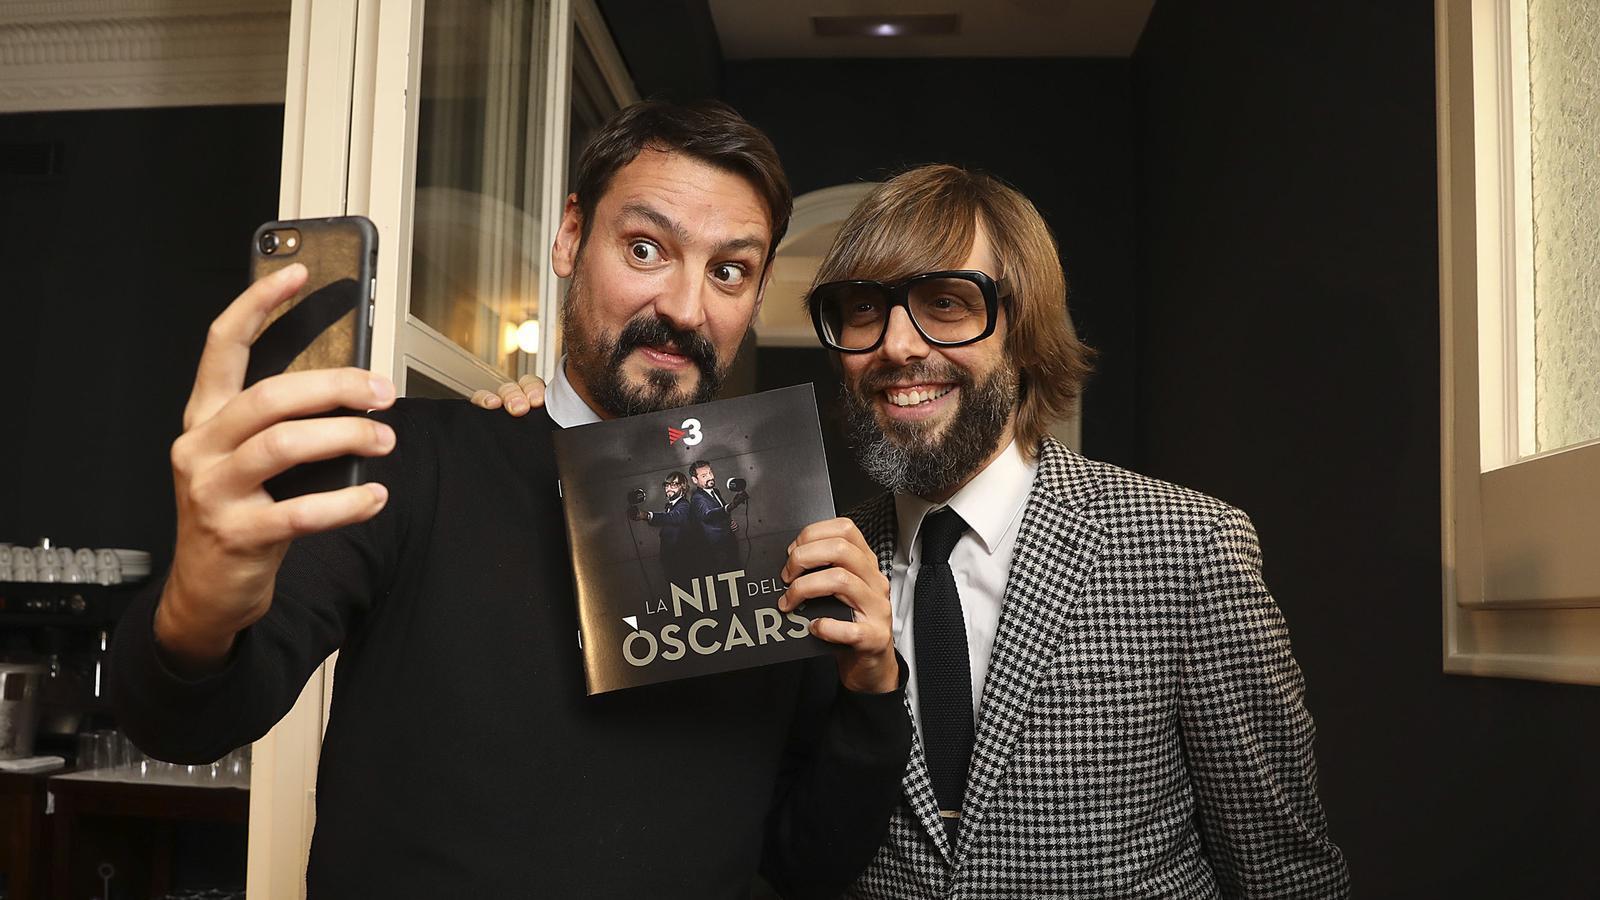 Òscar Andreu i Òscar Dalmau presentaran 'La nit dels Òscars', que s'estrena a TV3 aquest dijous